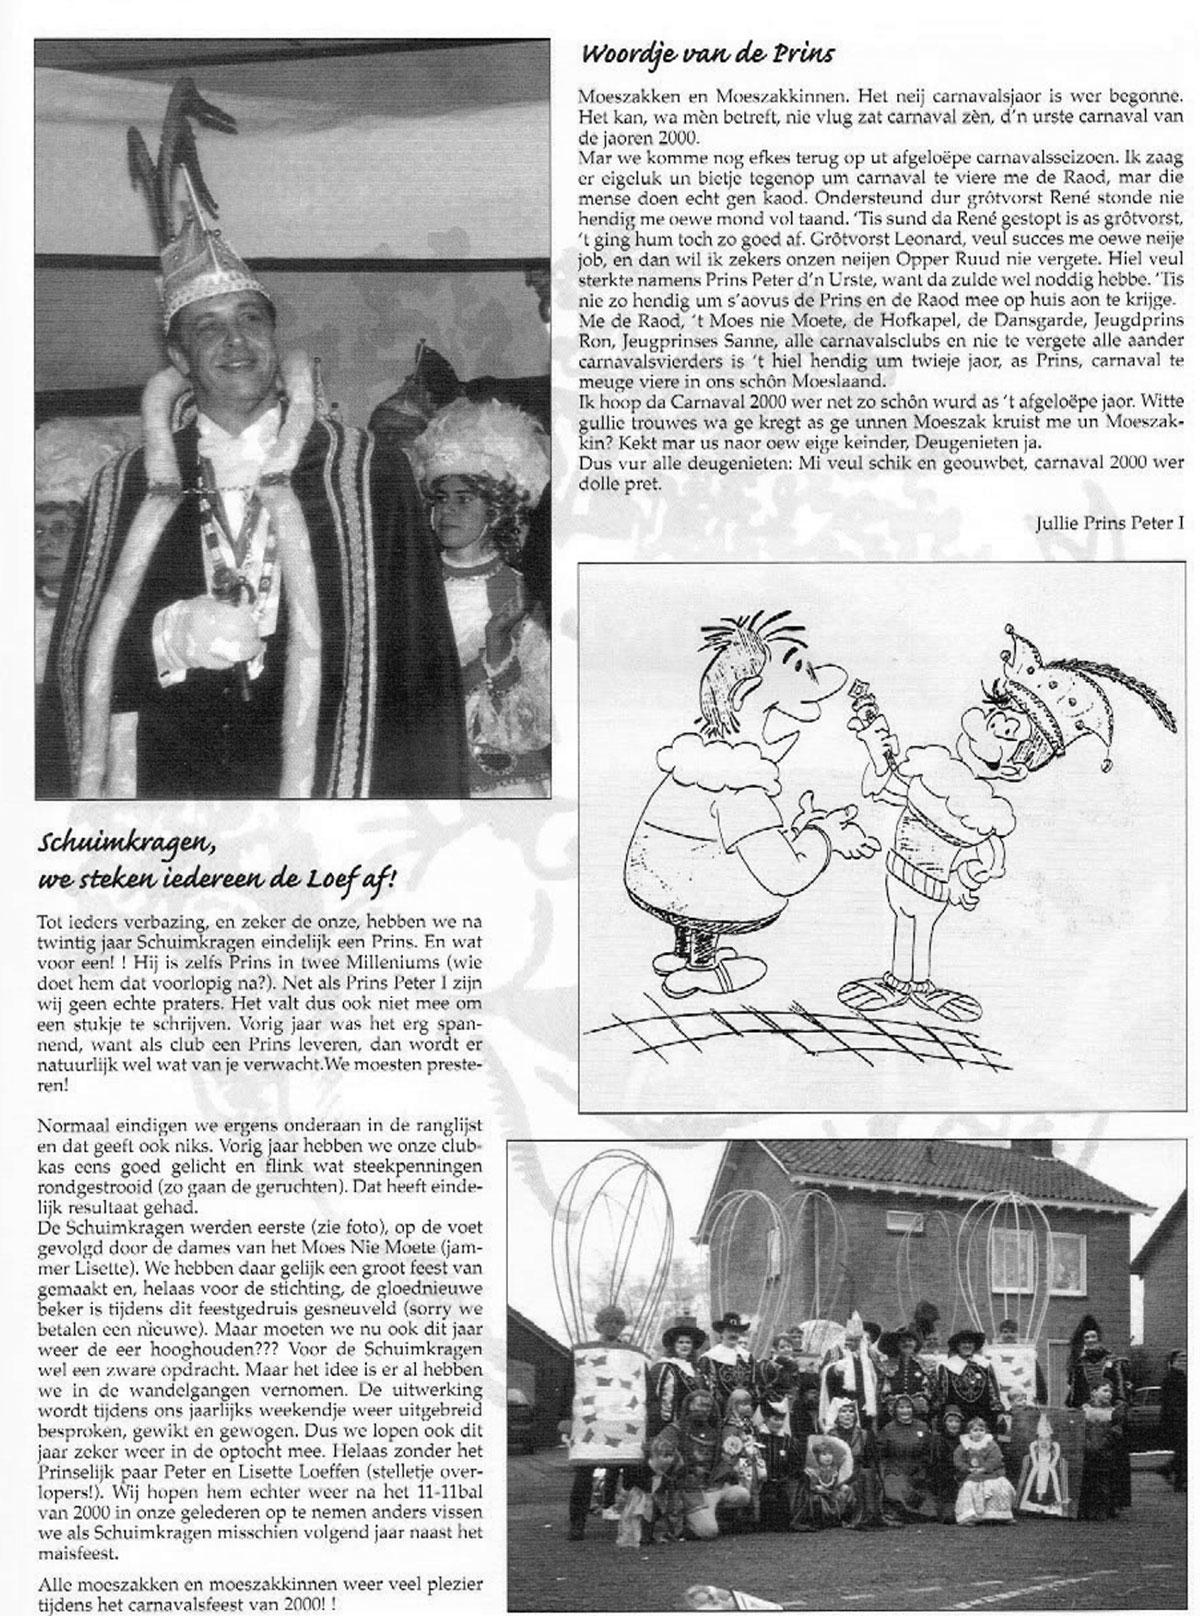 Stukje uit de carnavalskrant van de Schuimkragen - 2000